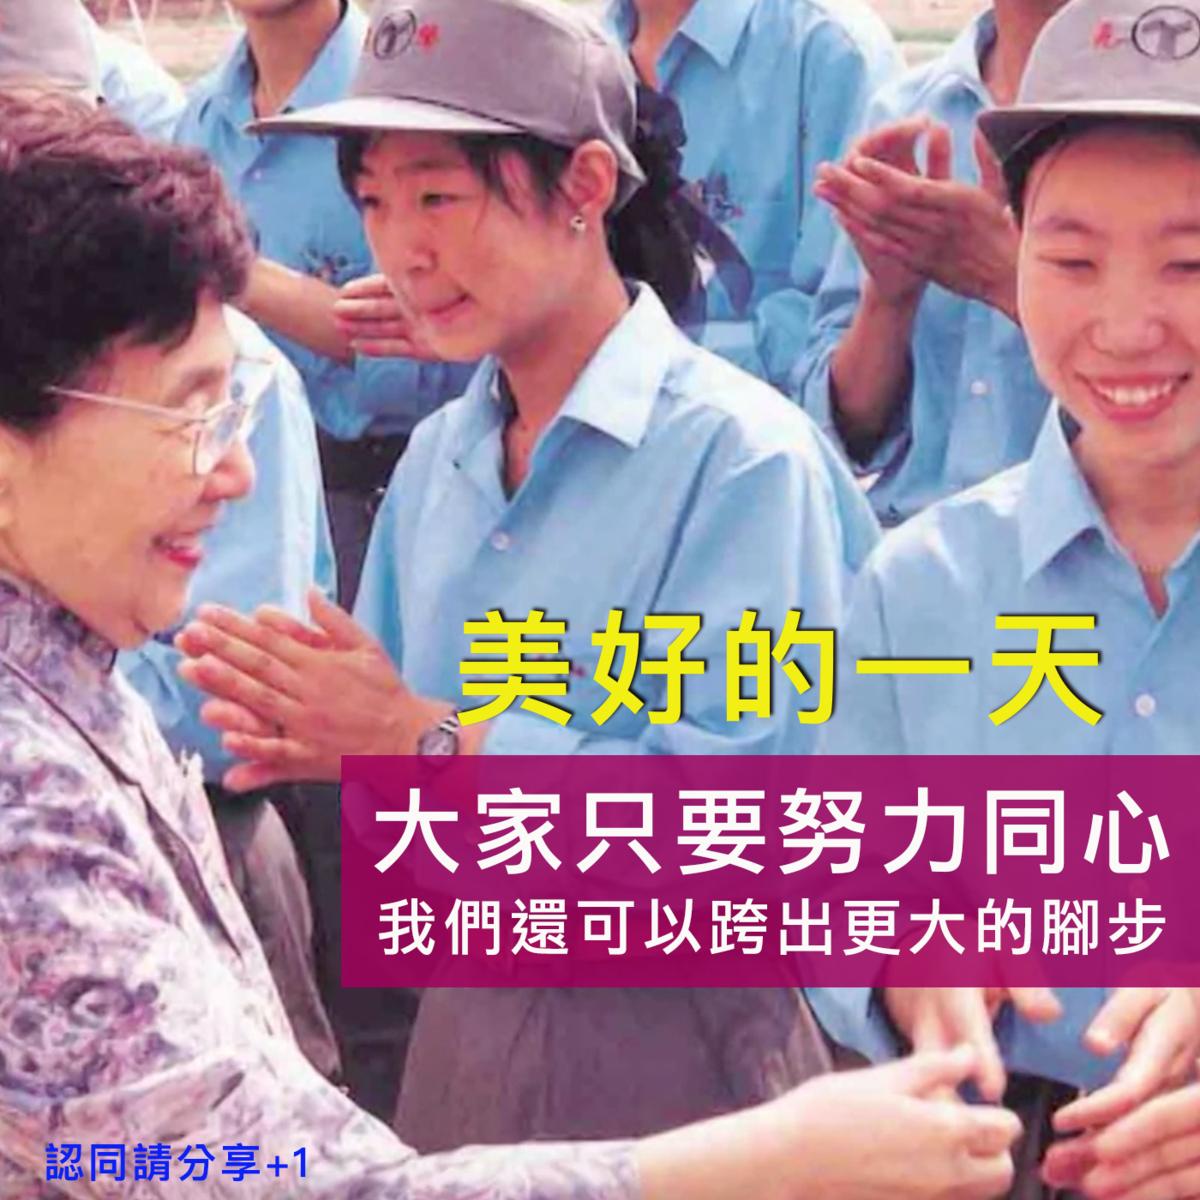 有員工把過去吳舜文講過的話,自發性的製作成勵志貼圖。(讀者提供)